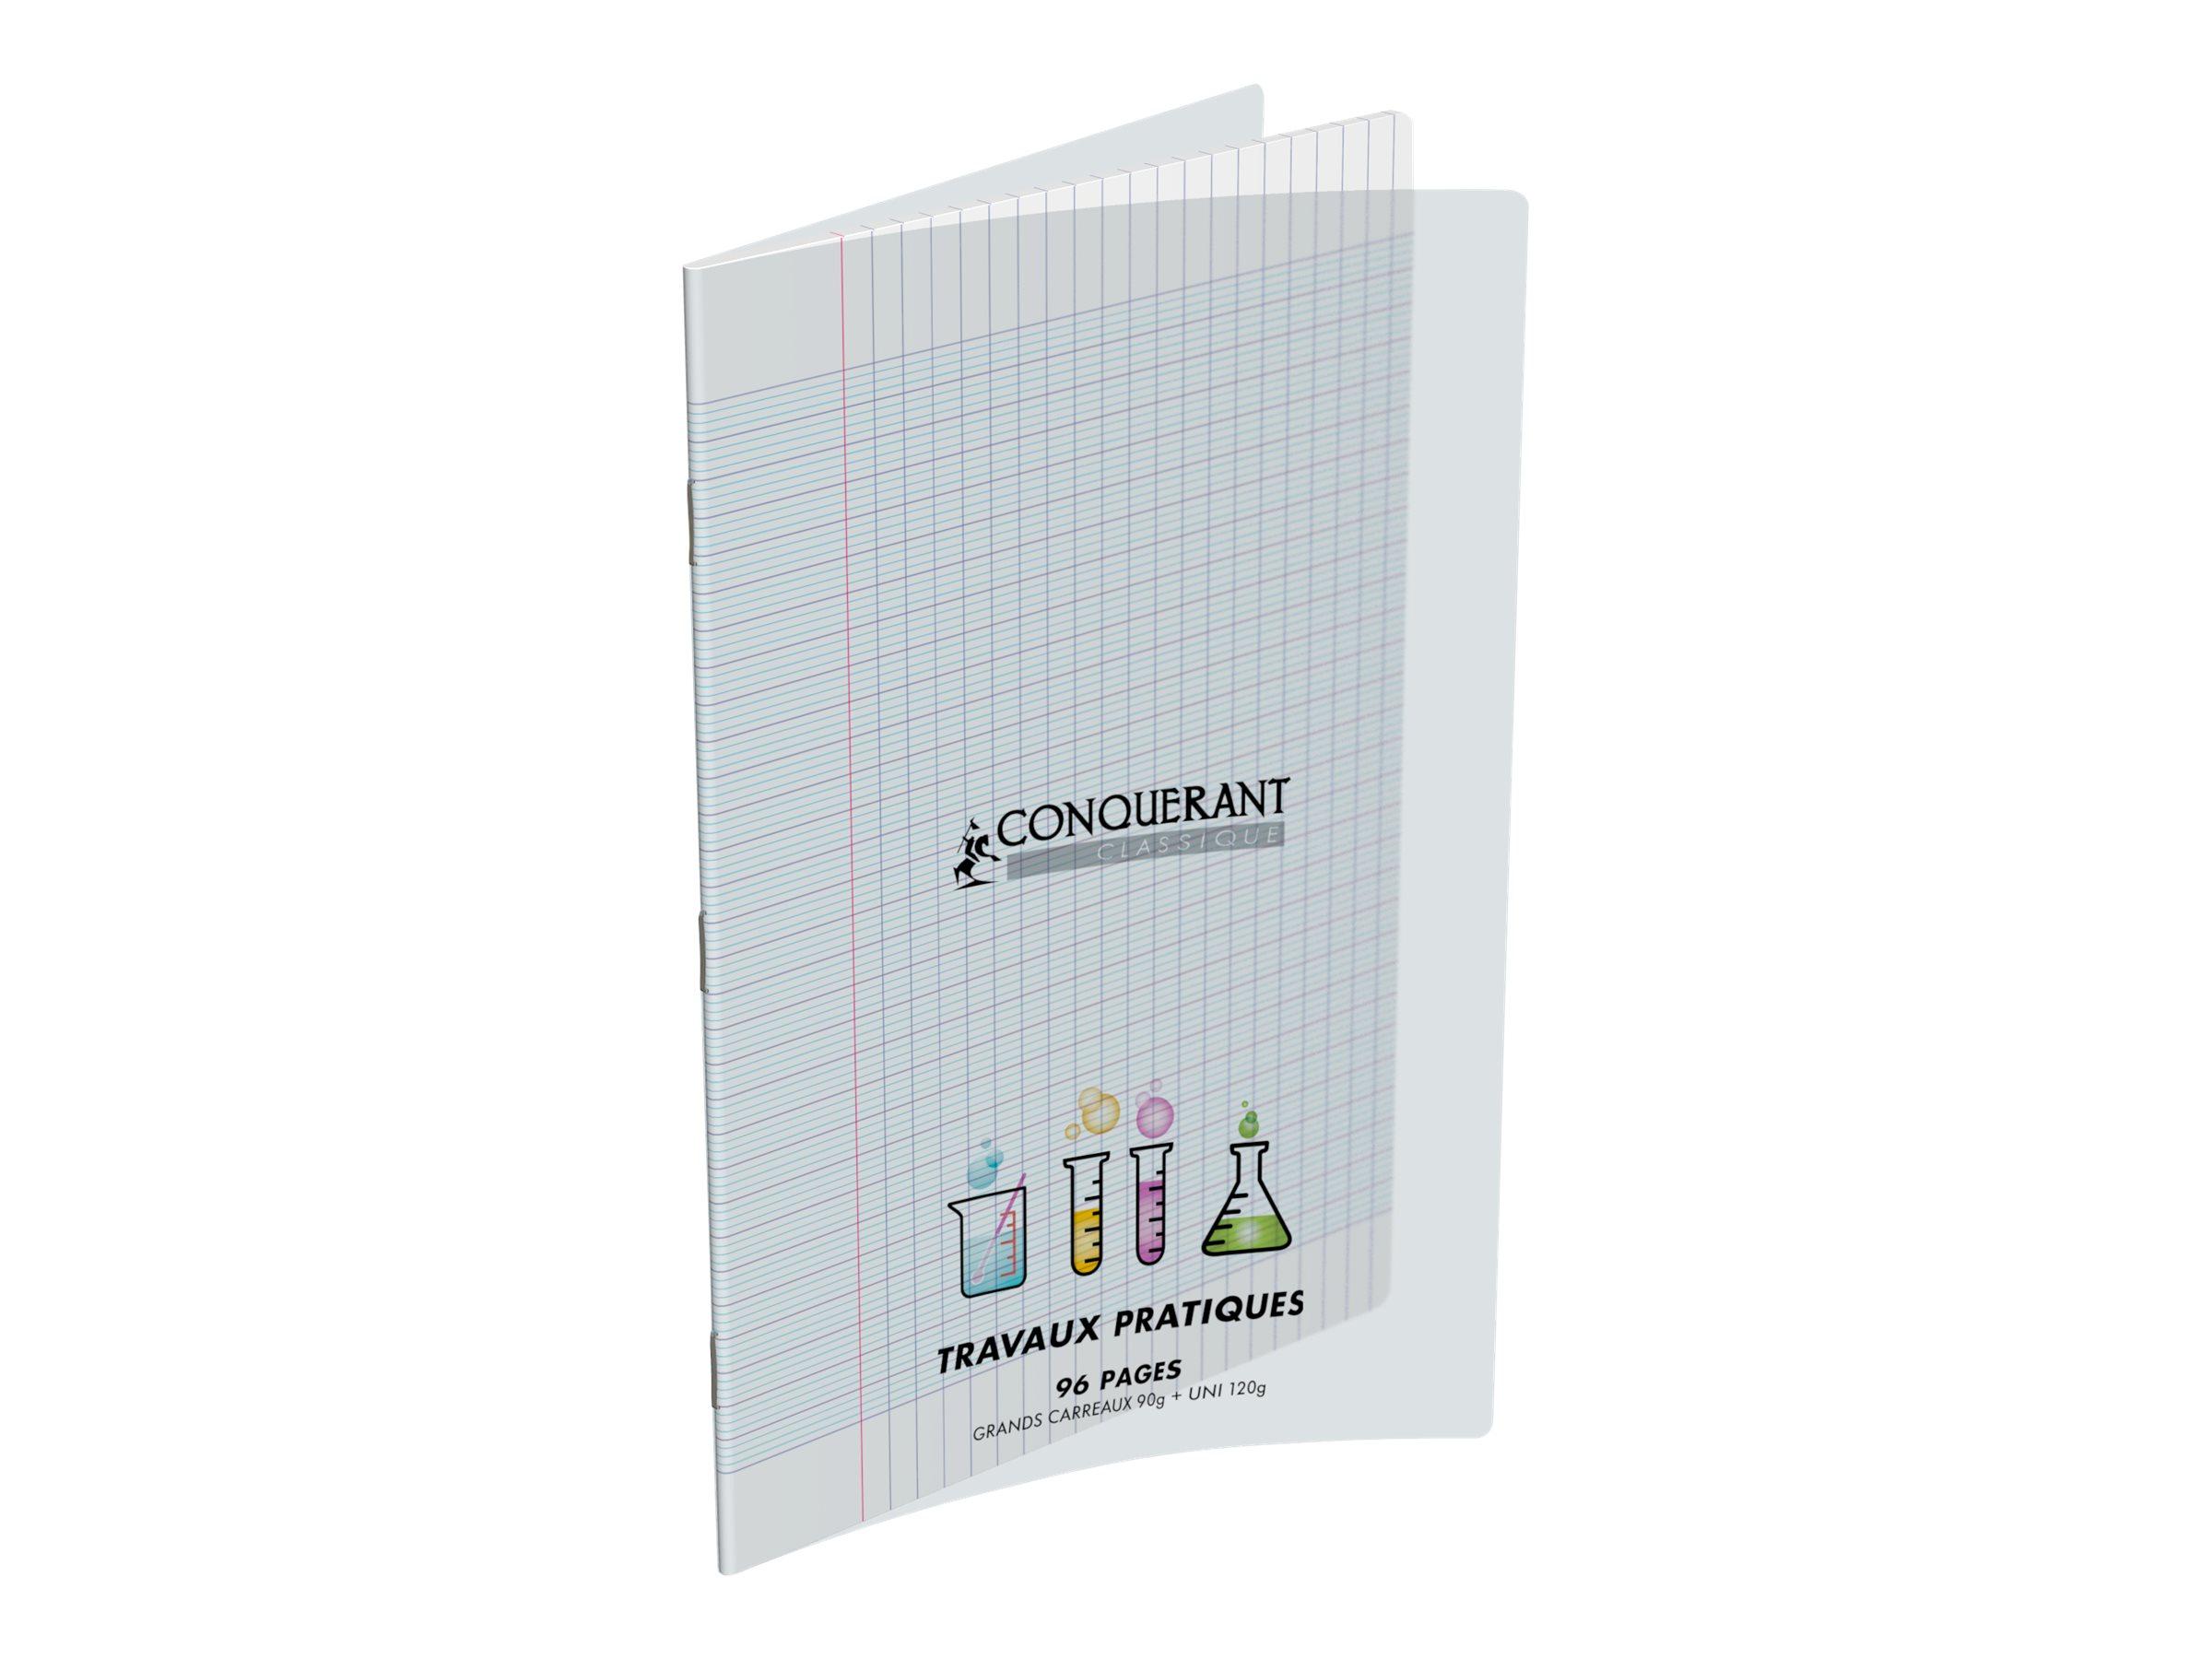 CONQUERANT Classique - Cahier polypro Travaux Pratique - A4 - 96 pages - uni, Grands carreaux